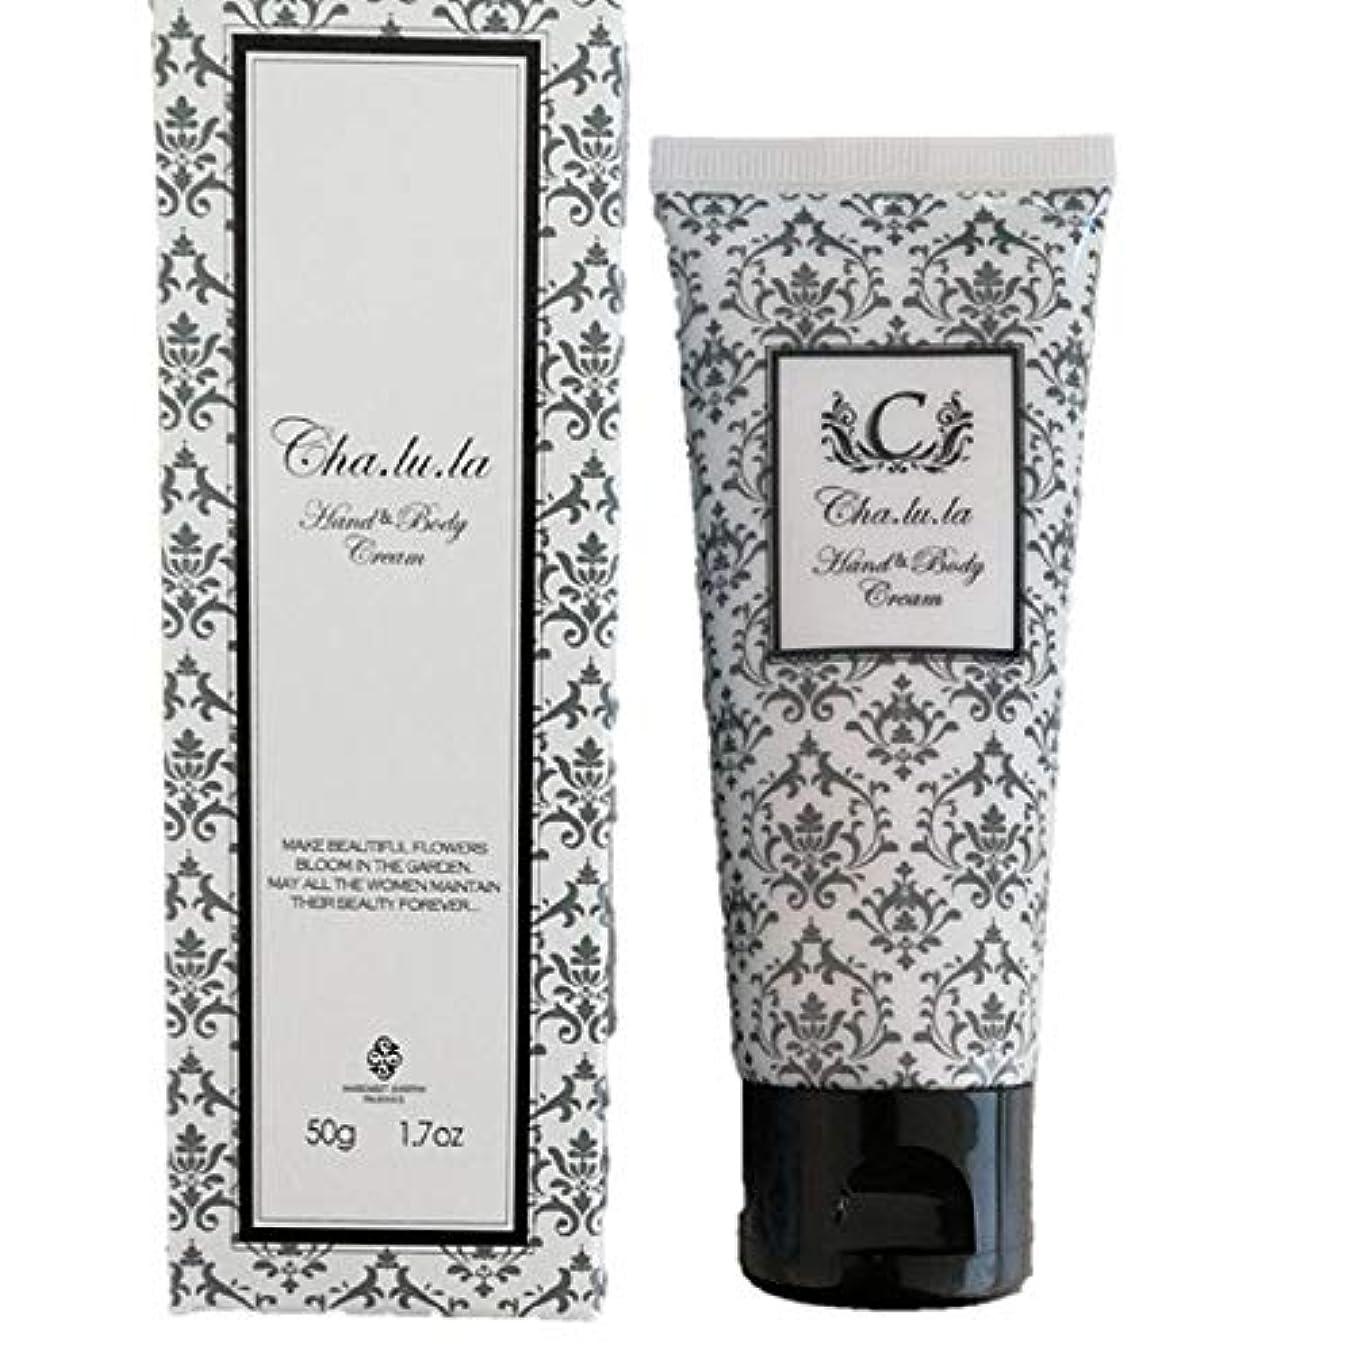 シャルラ H&Bクリーム ノーブルブロッサムの香り ハンド&ボディークリーム 50g